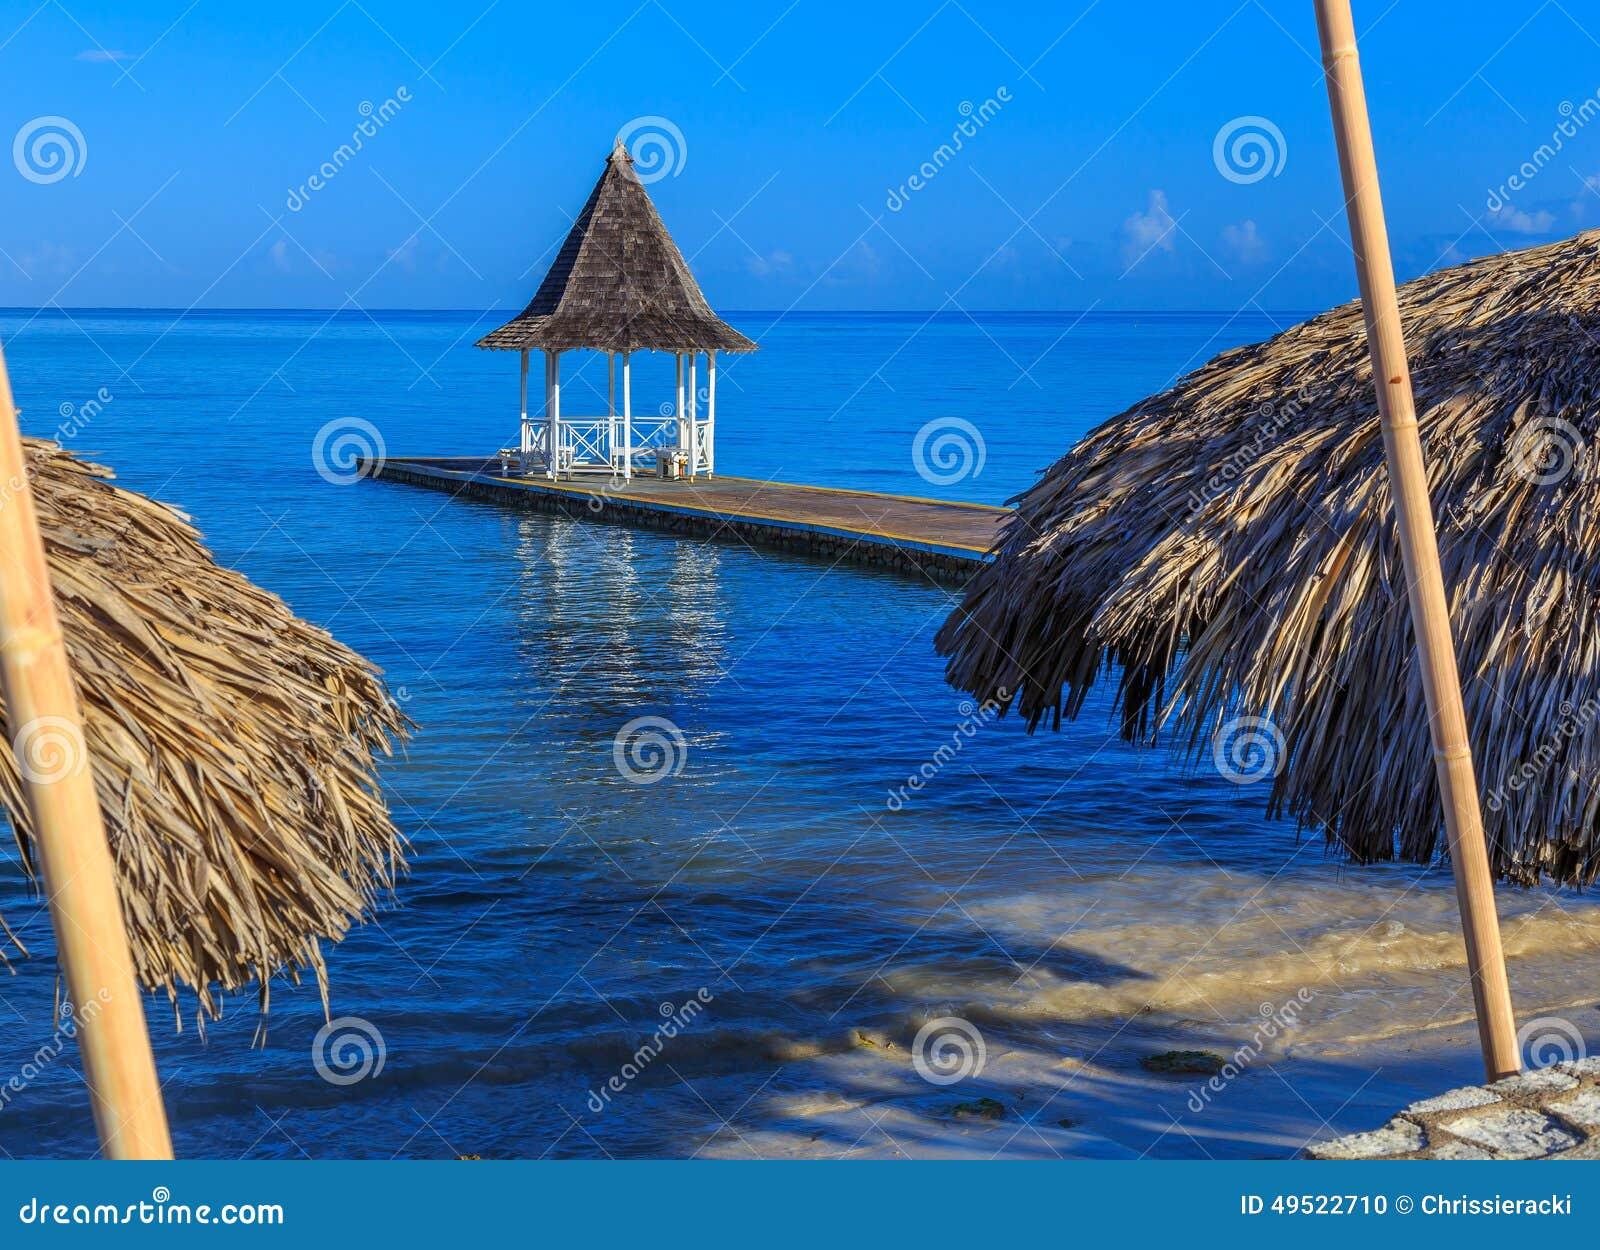 Gazebo en el embarcadero de la playa, Montego Bay Jamaica